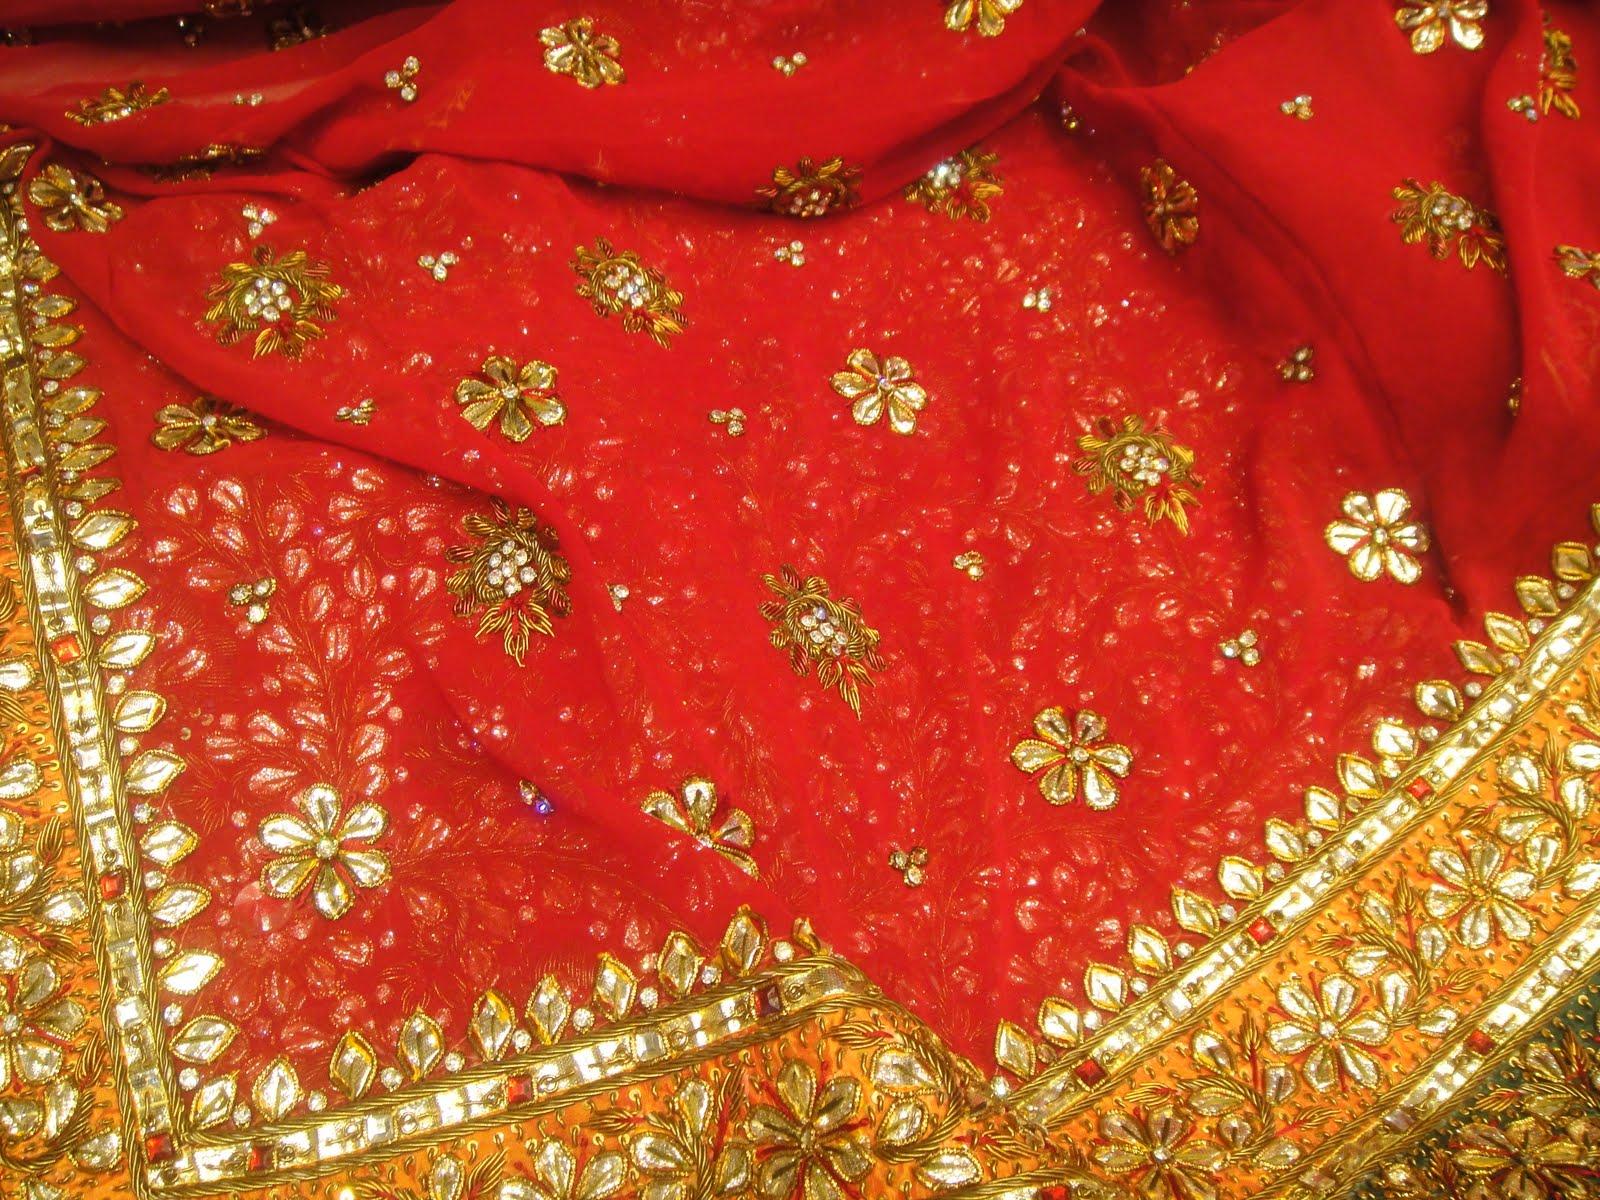 http://4.bp.blogspot.com/_ZToJHY_SMB0/TFqyAzxobfI/AAAAAAAAABQ/XXgYgeQ-sAE/s1600/indian-wedding-sari.JPG